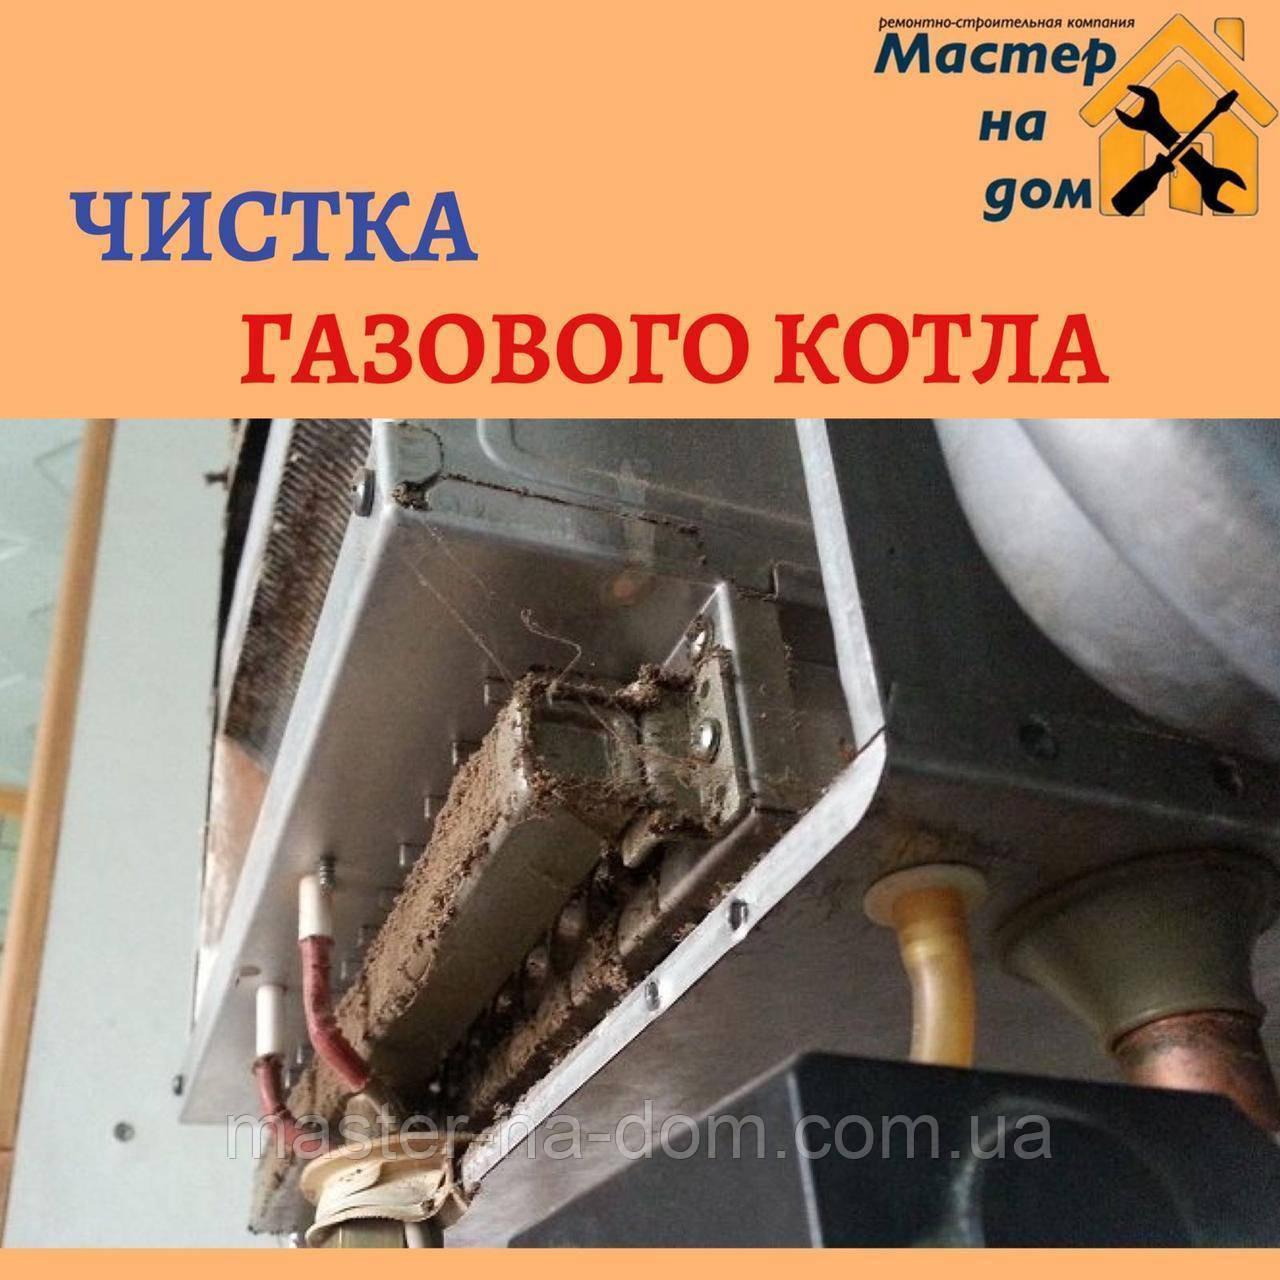 Чистка газового котла с гарантией в Тернополе